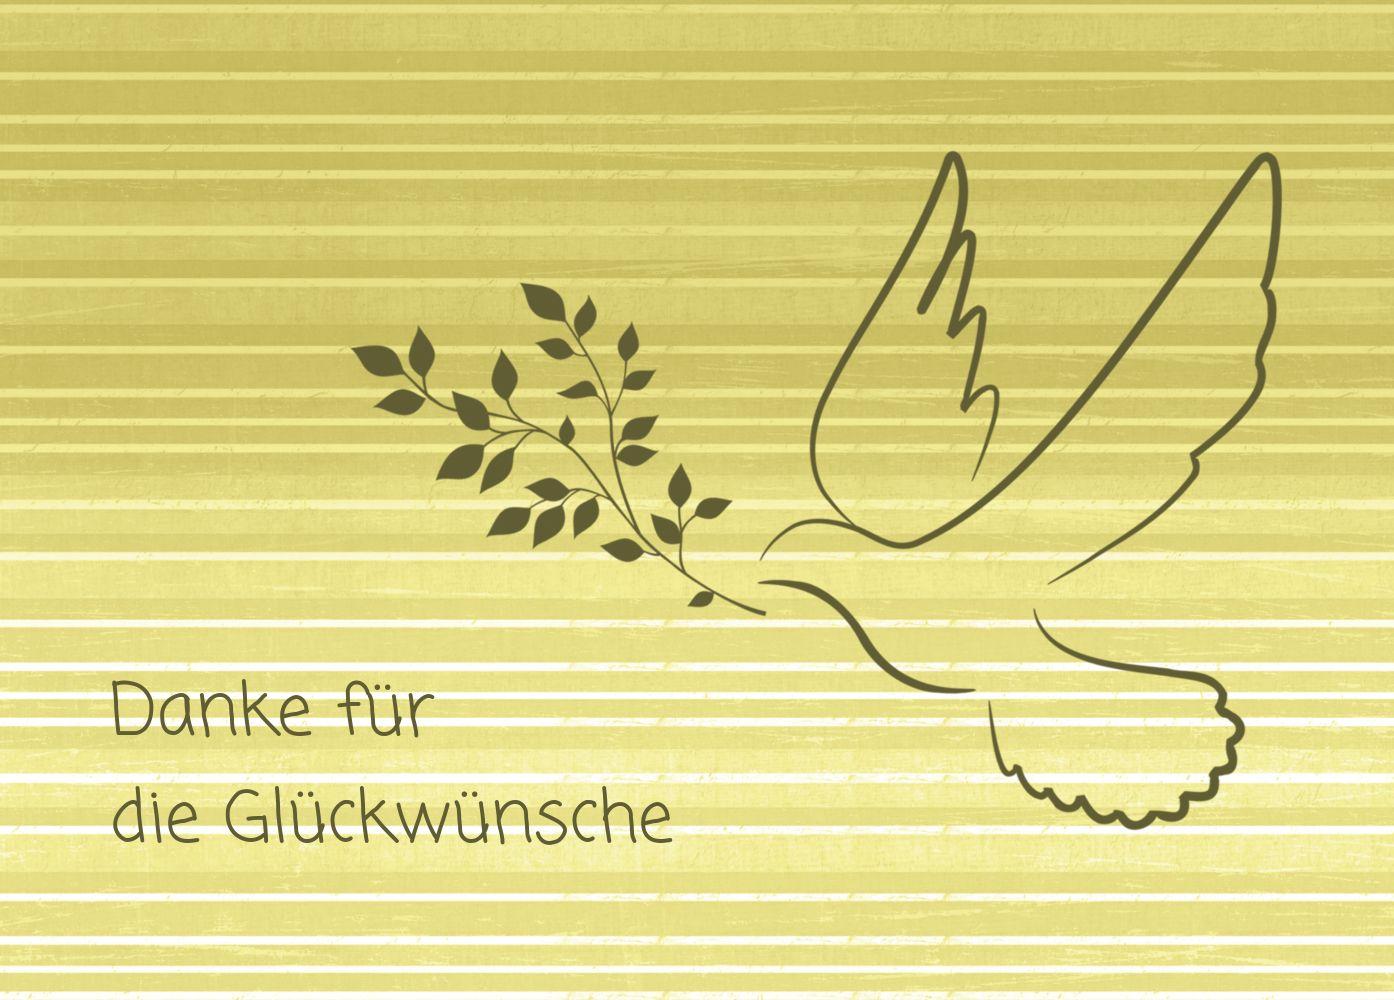 Ansicht 2 - Kommunion Dankeskarte Taube 2